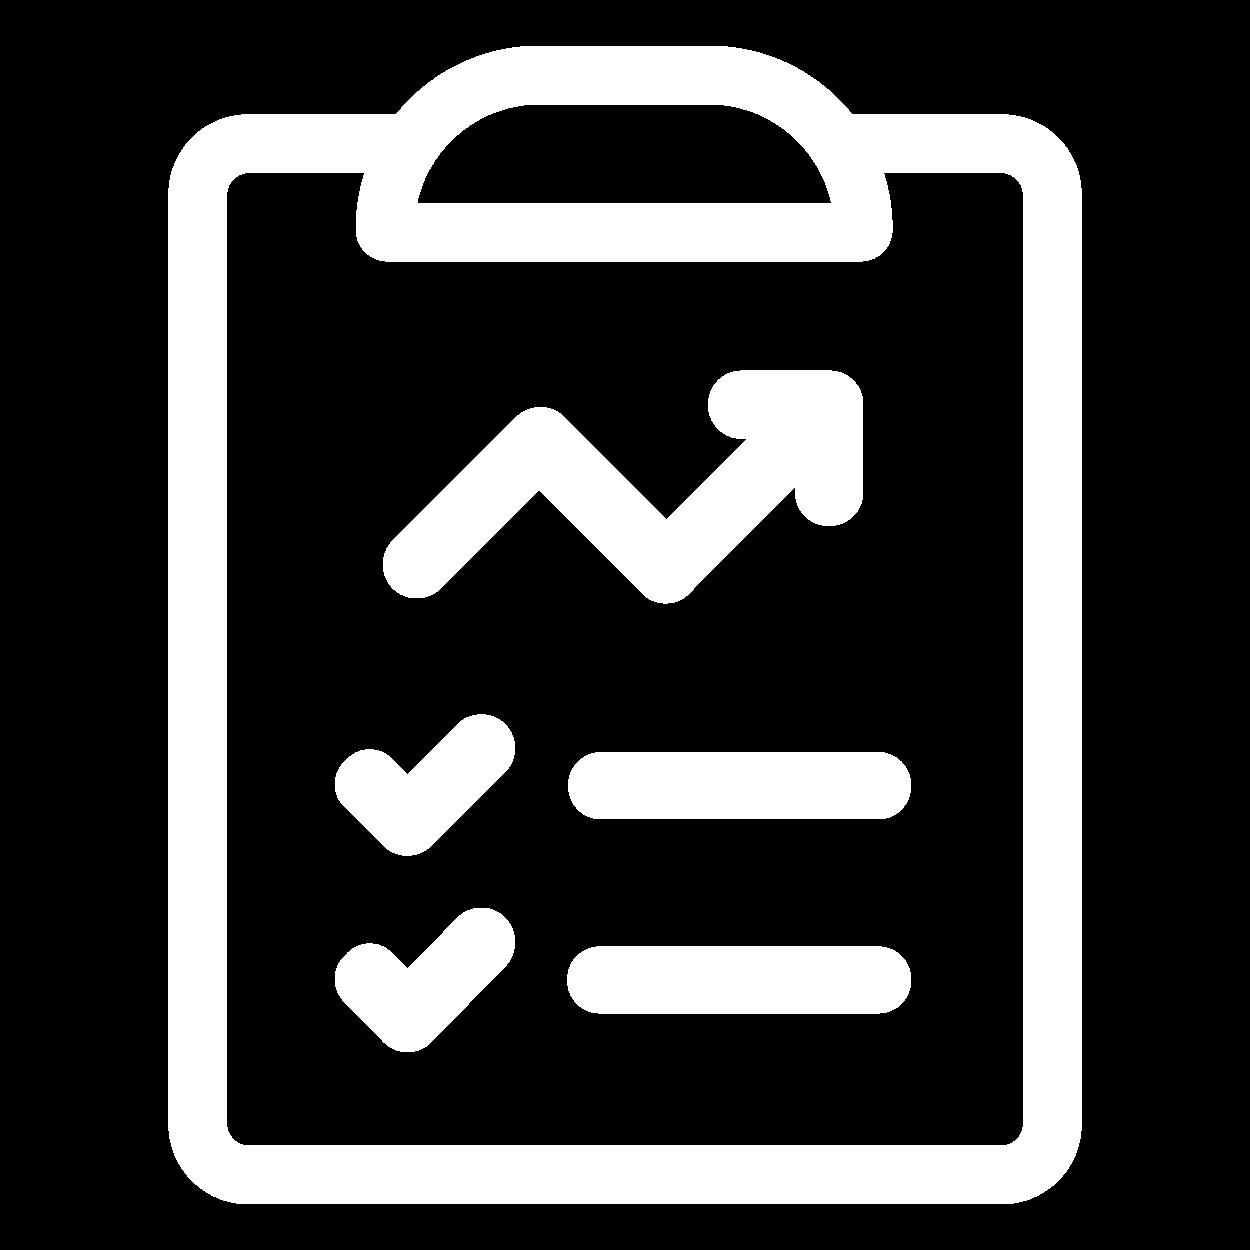 icone relatorios